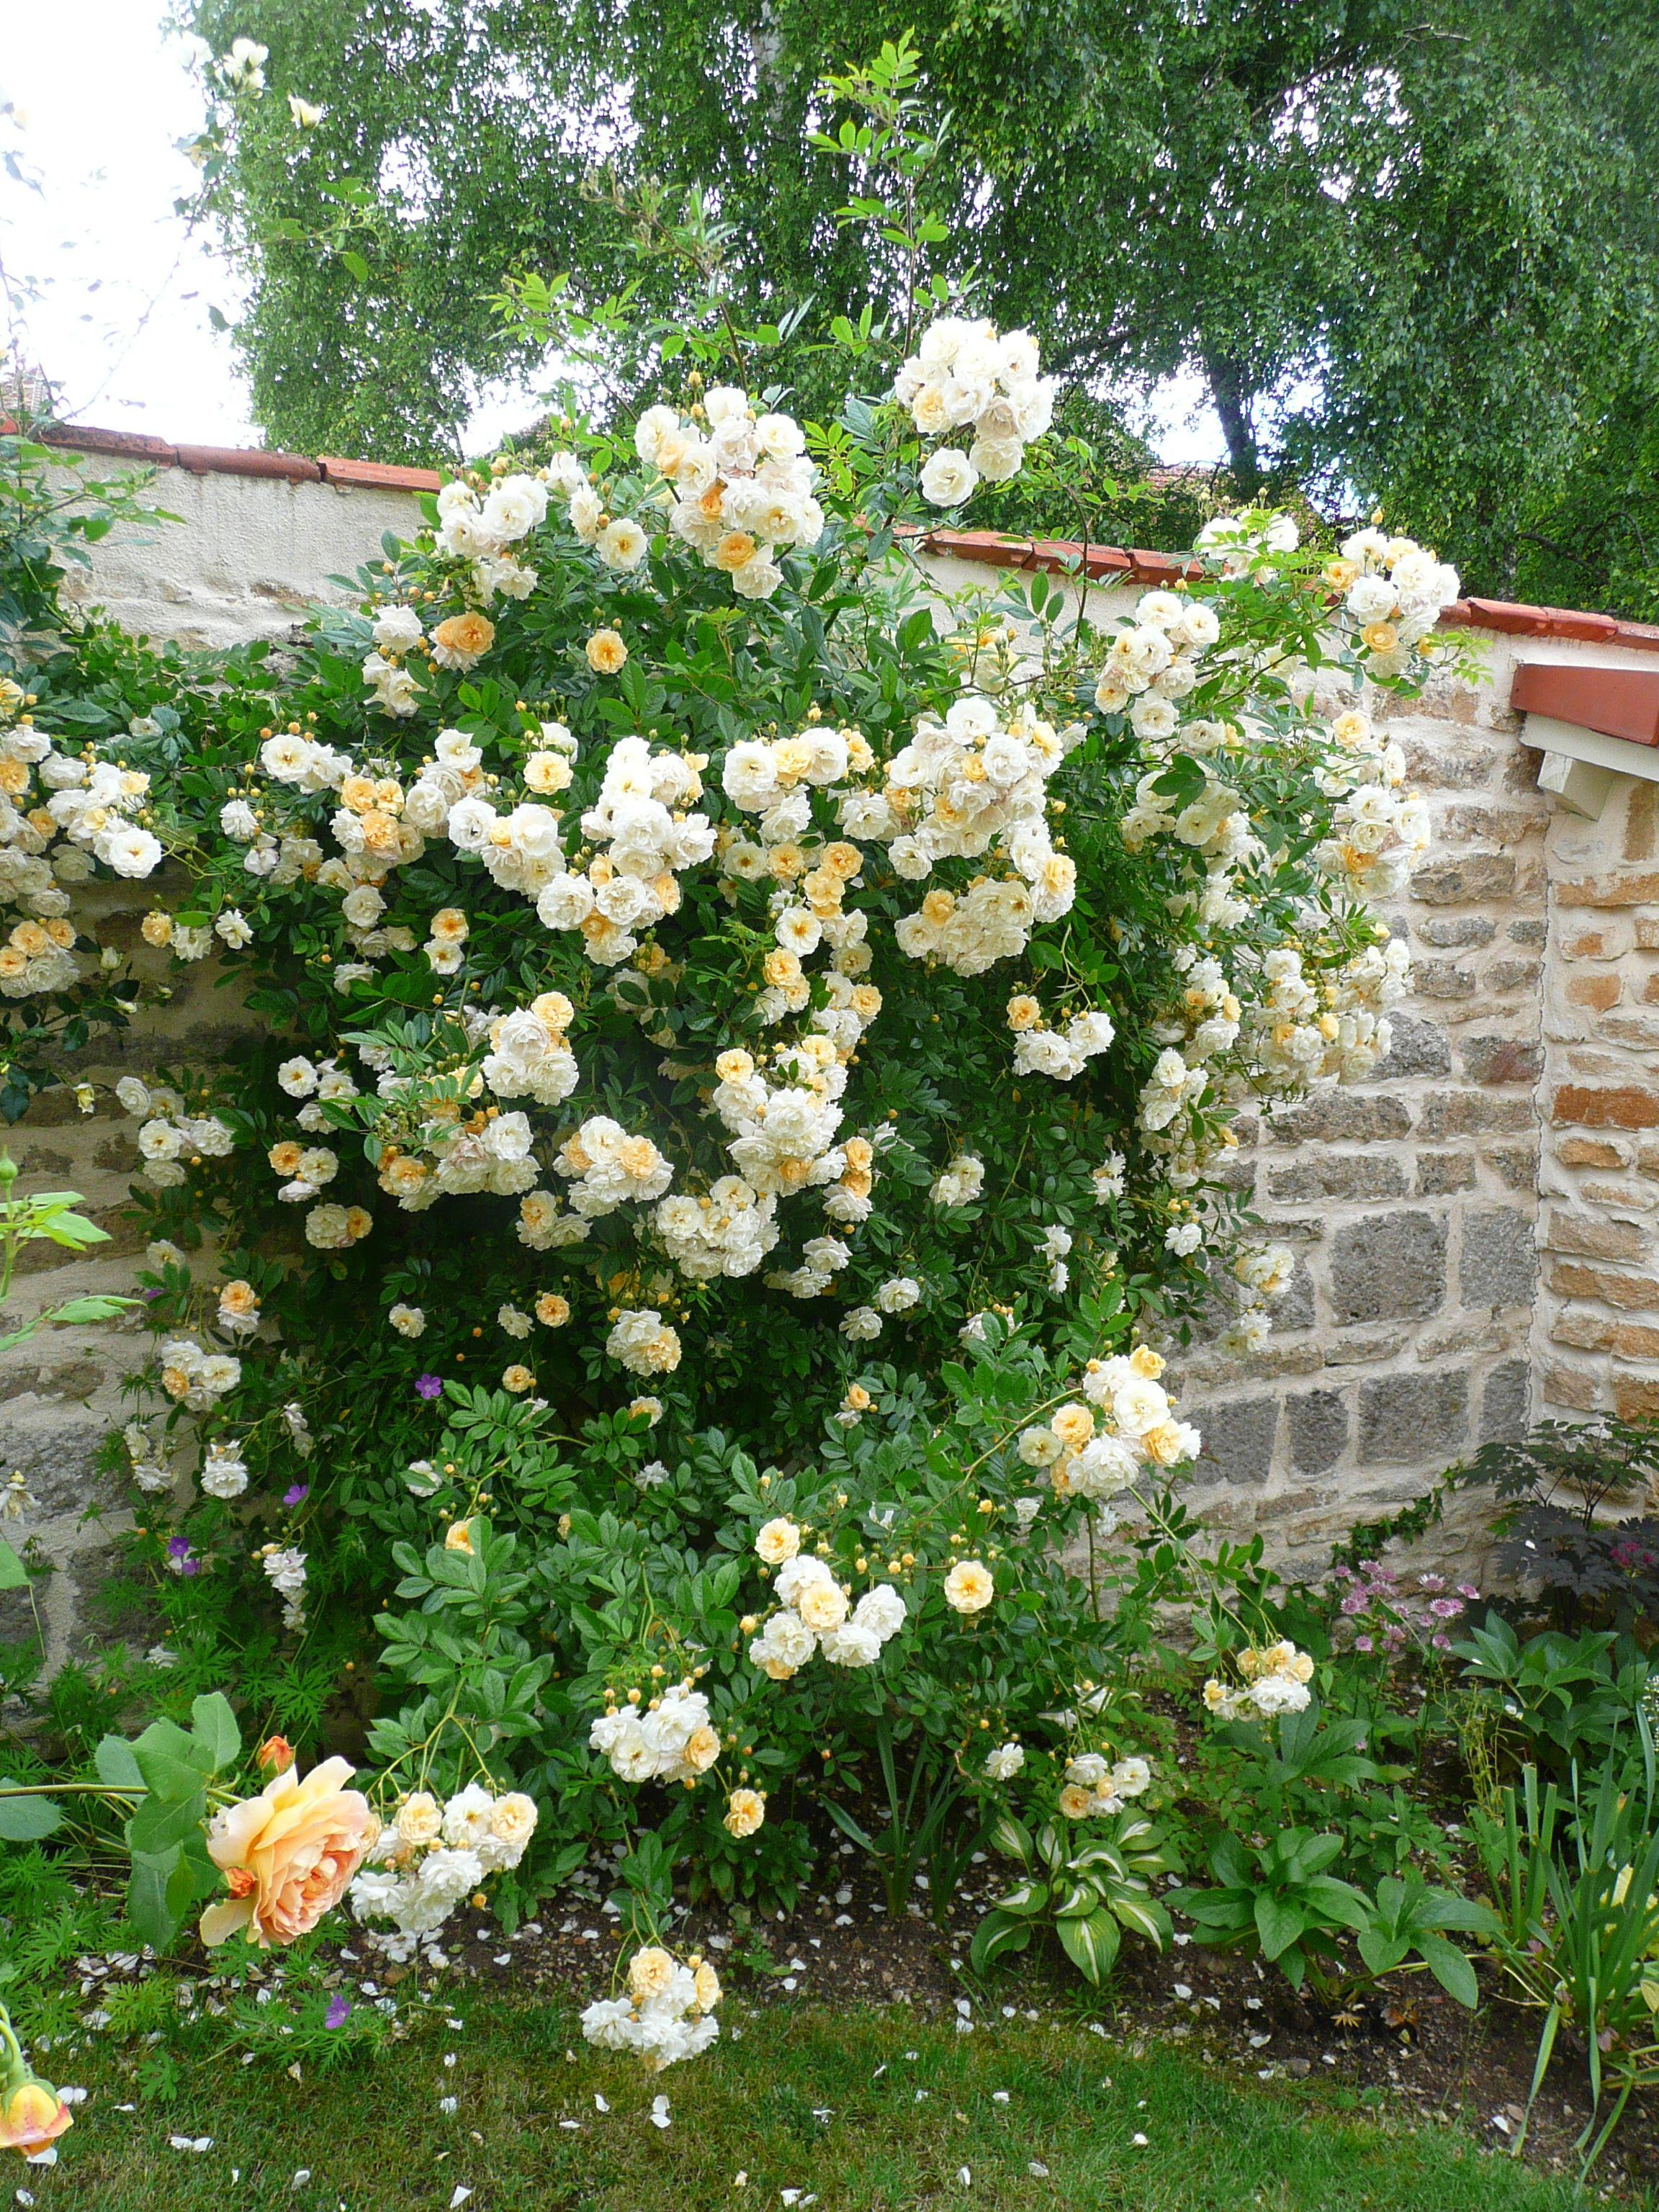 'Ghislaine de Felingonde' climbing rose